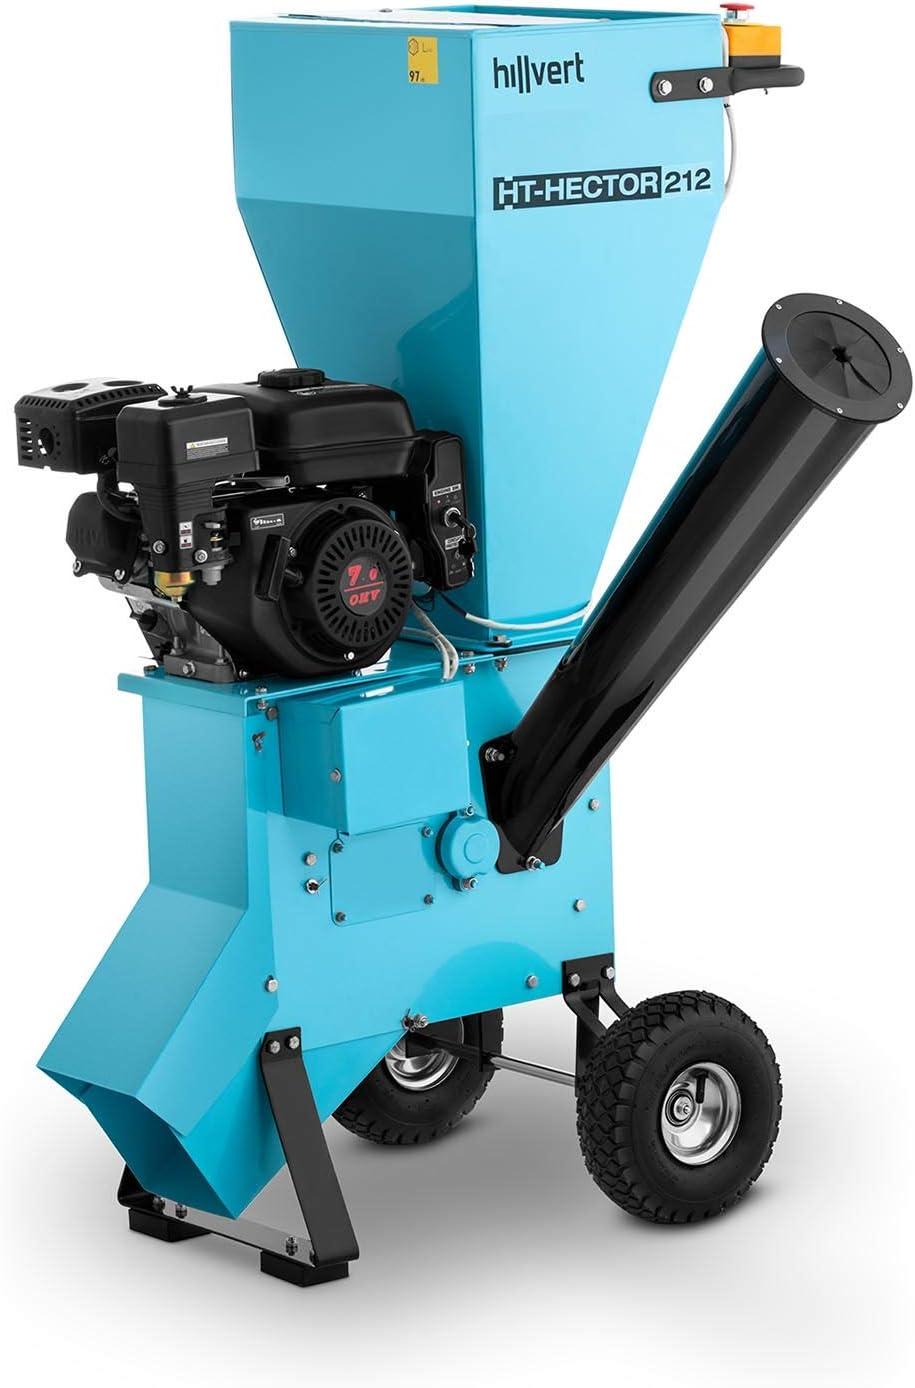 hillvert Triturador A Gasolina Biotriturador Para Jardín HT-HECTOR 212 (Velocidad: 3.600 rpm, Potencia: 7 PS, Diámetro De Corte: 70 mm)